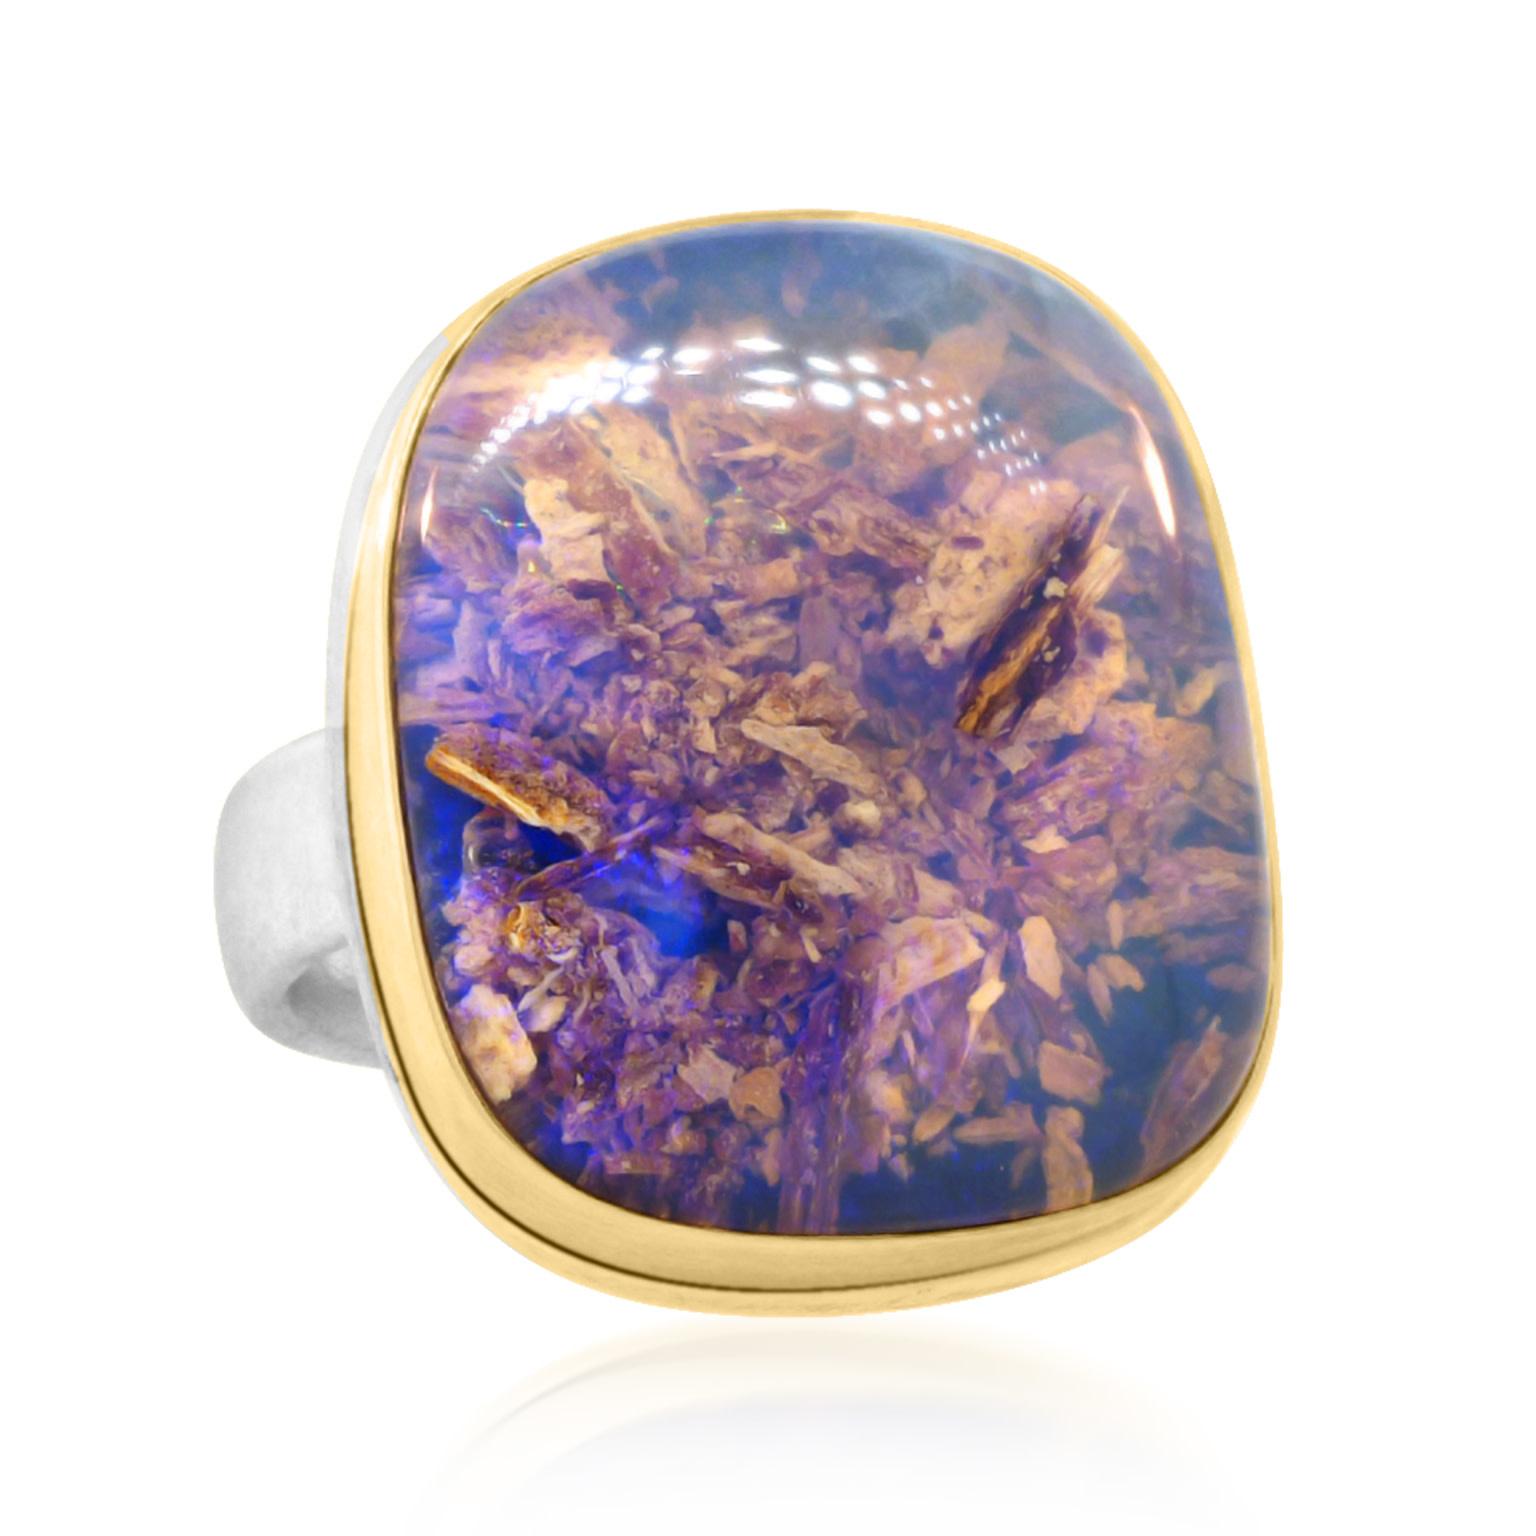 Jamie Joseph Jewelry Designs Opalized Wood Bezel Statement Ring